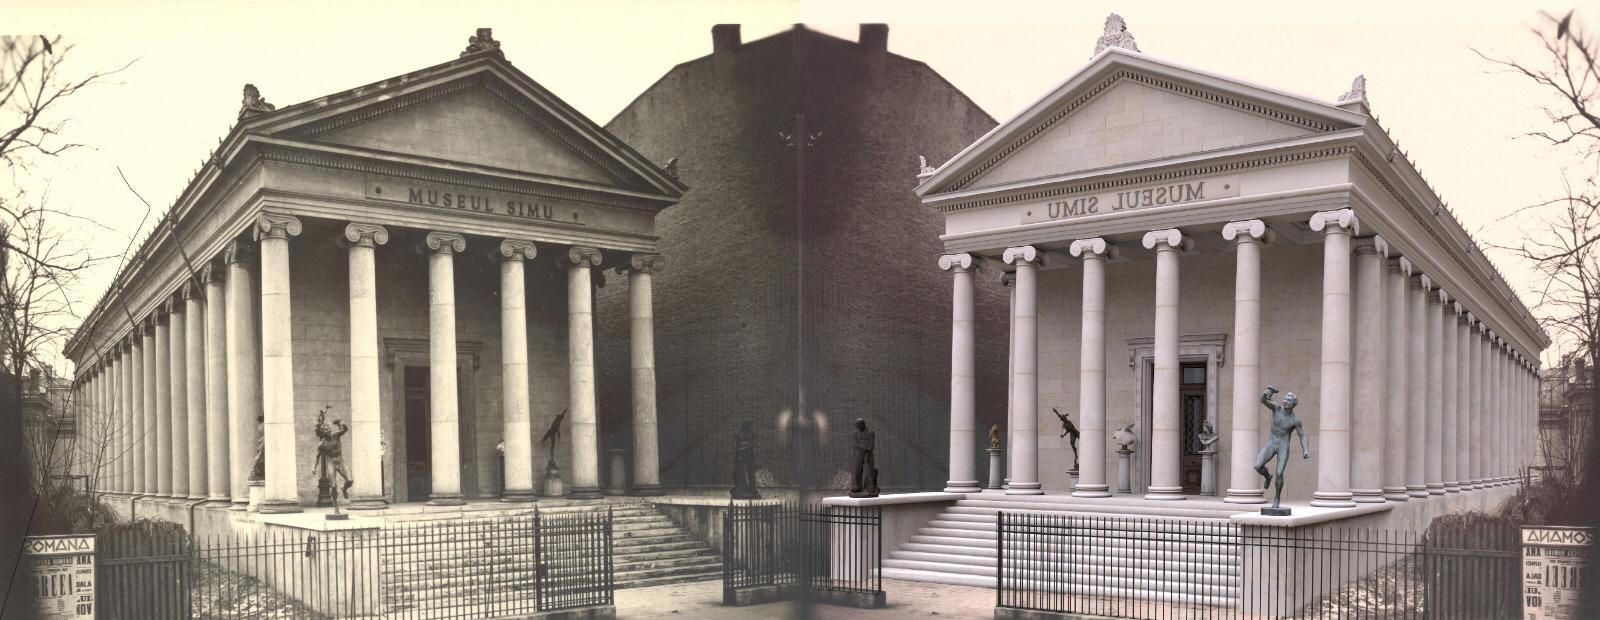 muzeul, simu, bucuresti, templu, grecesc